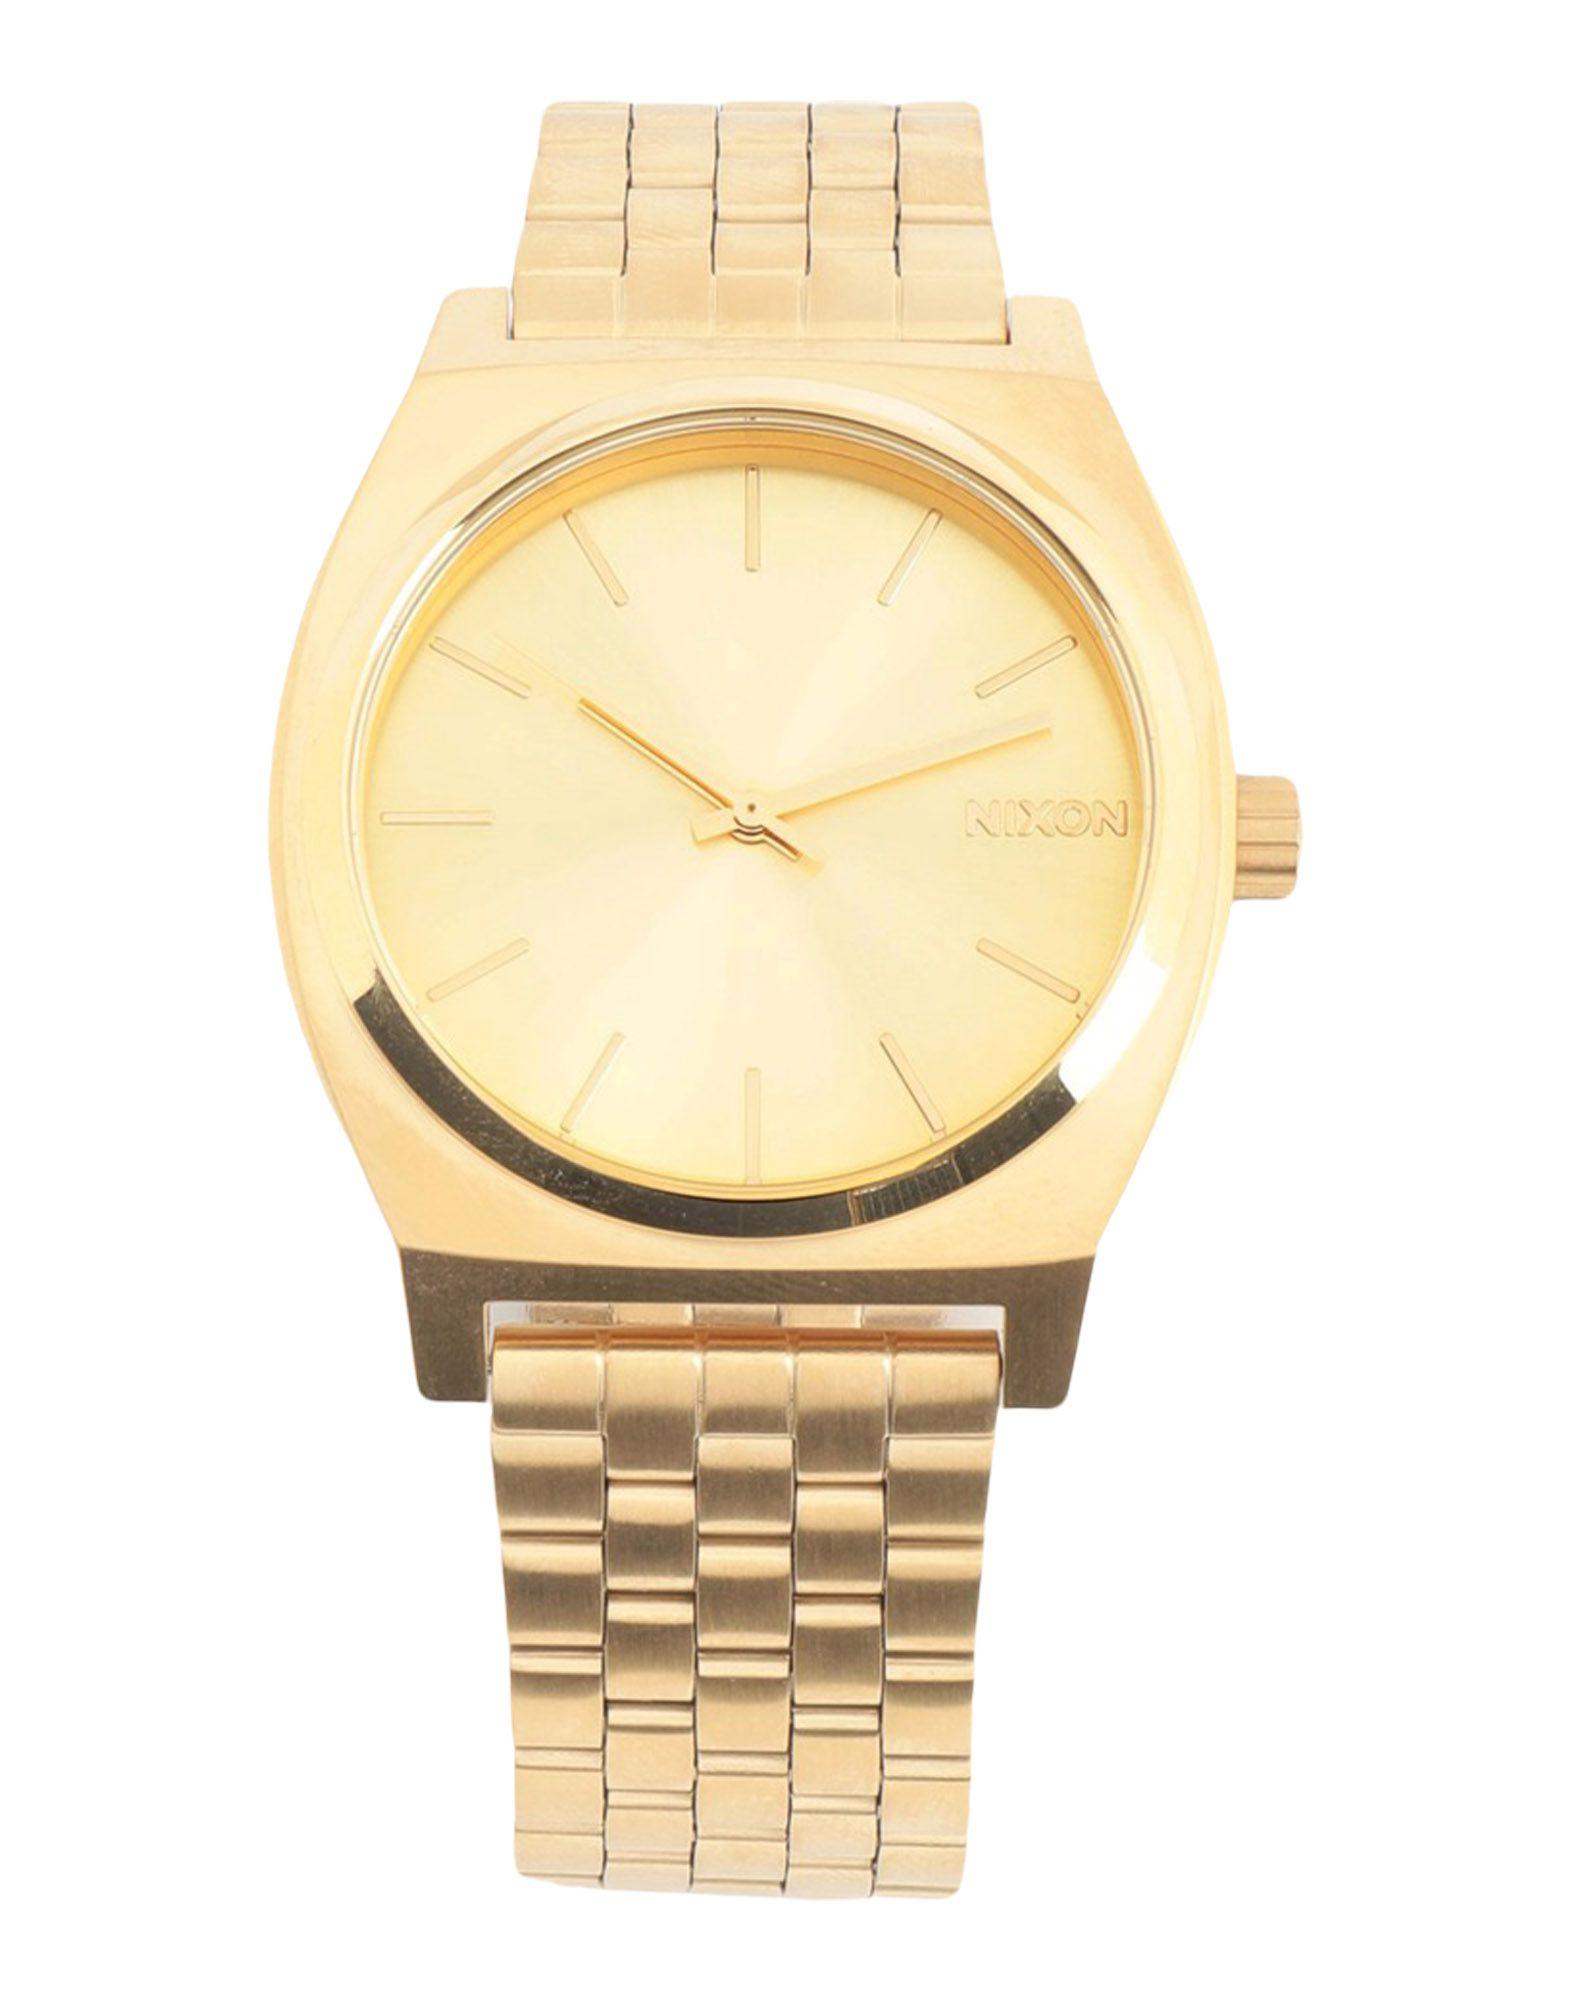 NIXON Наручные часы nixon часы nixon a402 1965 коллекция mod